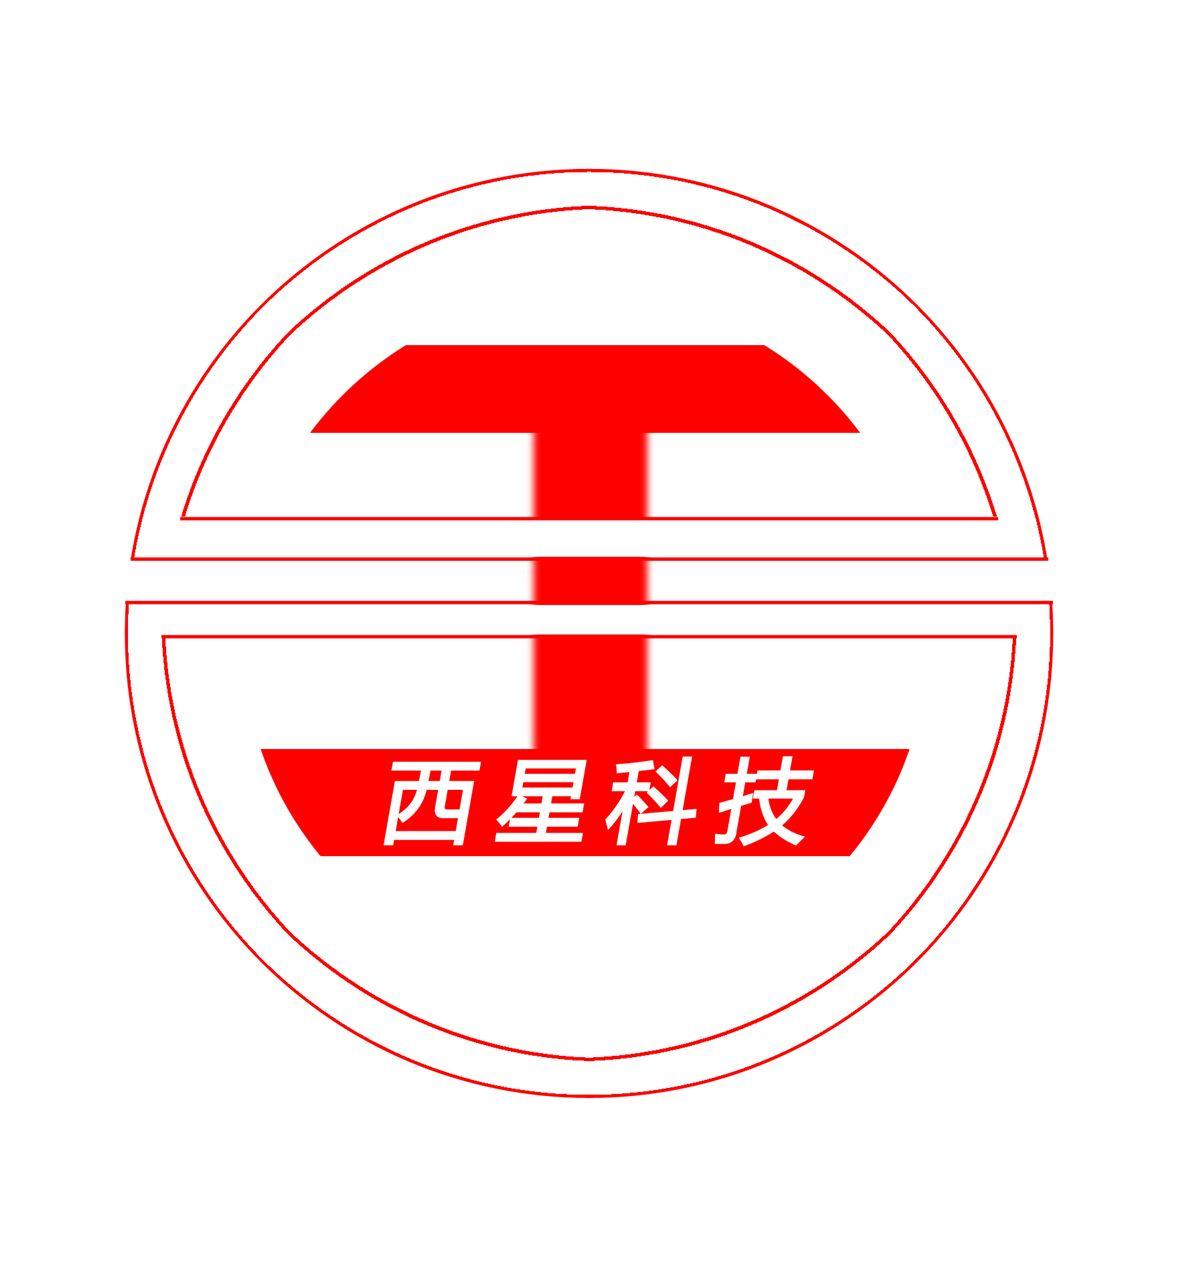 北京股商公�_产品中心-北京西星光电科技有限公司